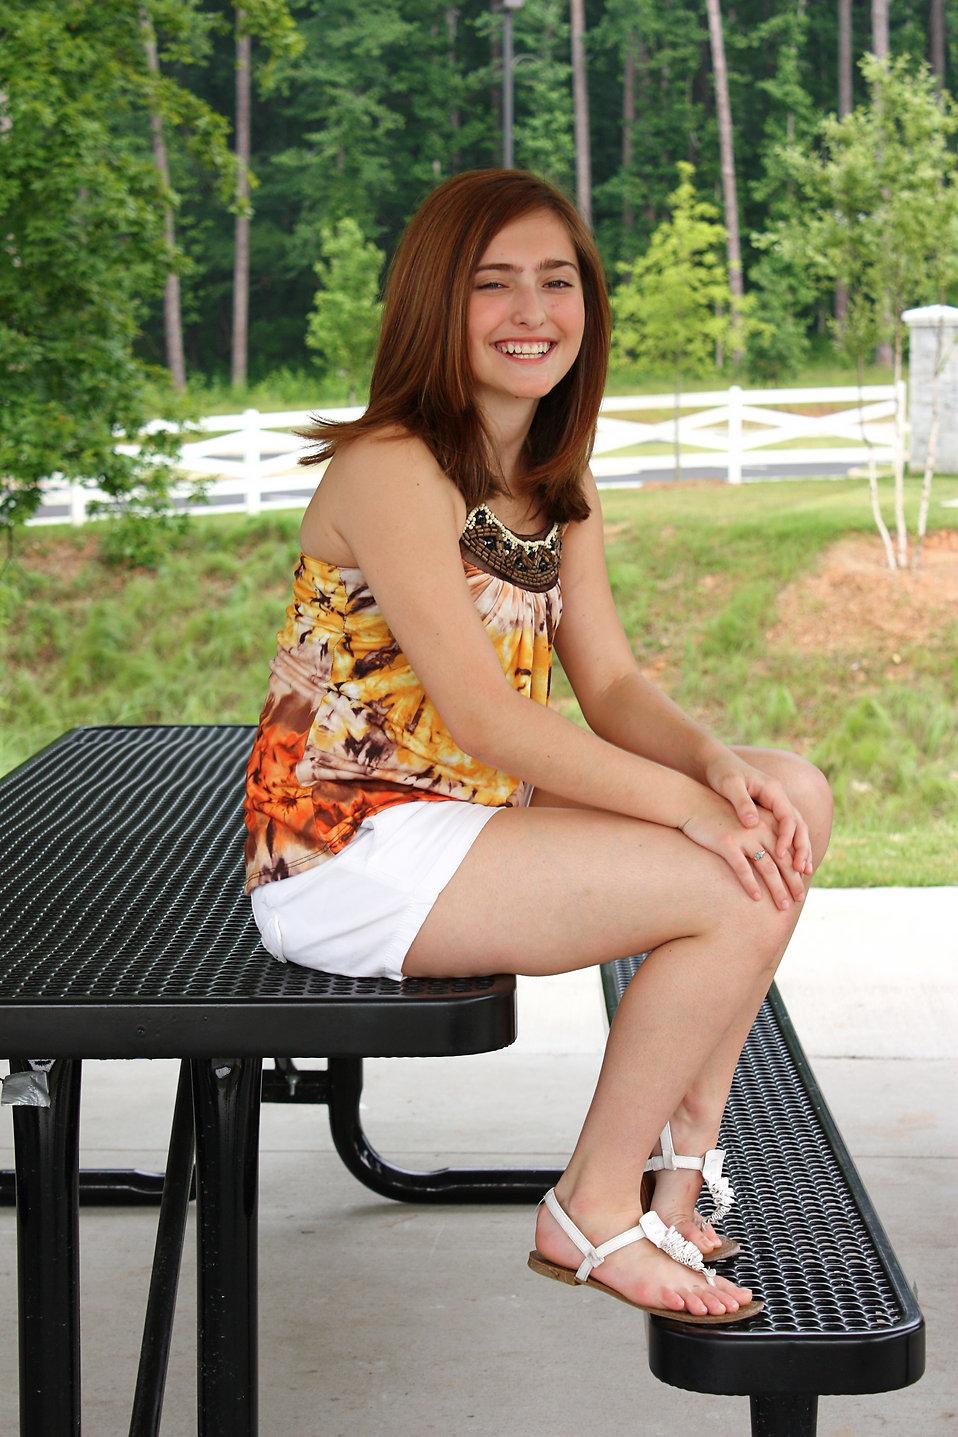 Girl Cute | Free Stock Photo | A cute young girl posing